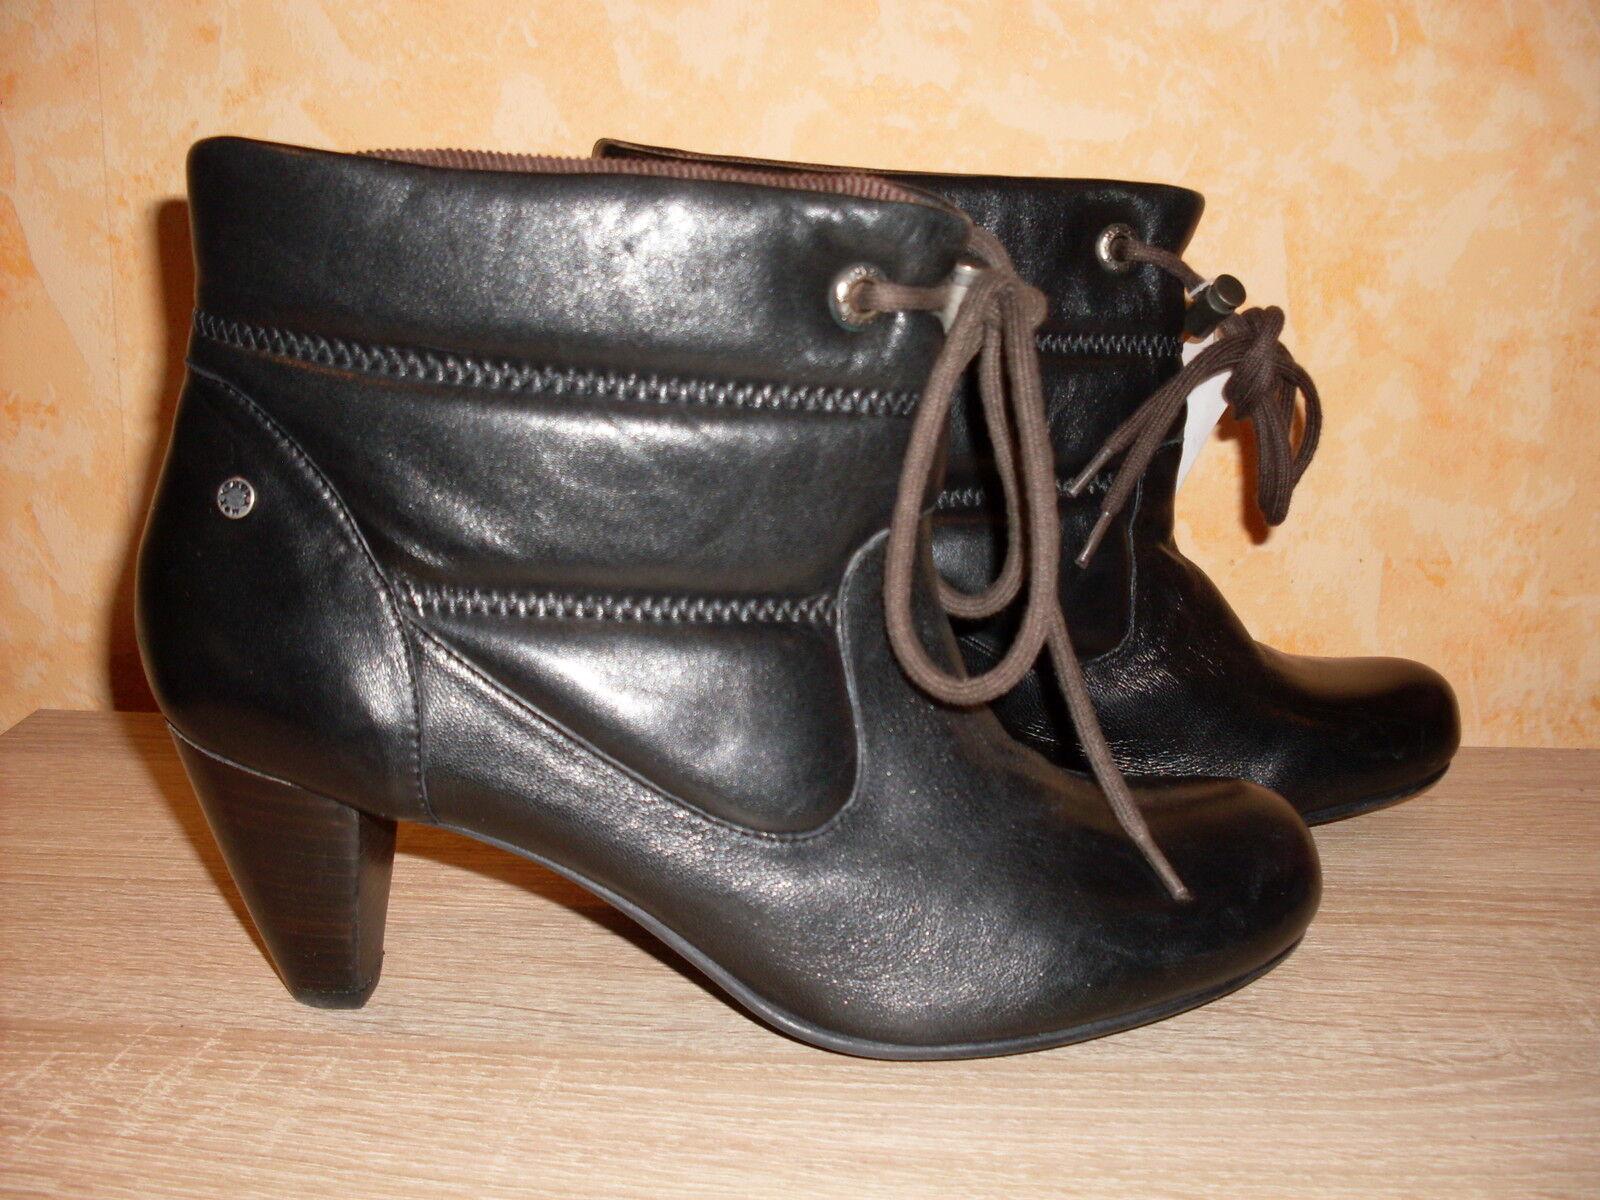 Damenschuh MEXX Stiefelette / Ankle Boot NEU in der Gr. 41 braun & Leder ansehen